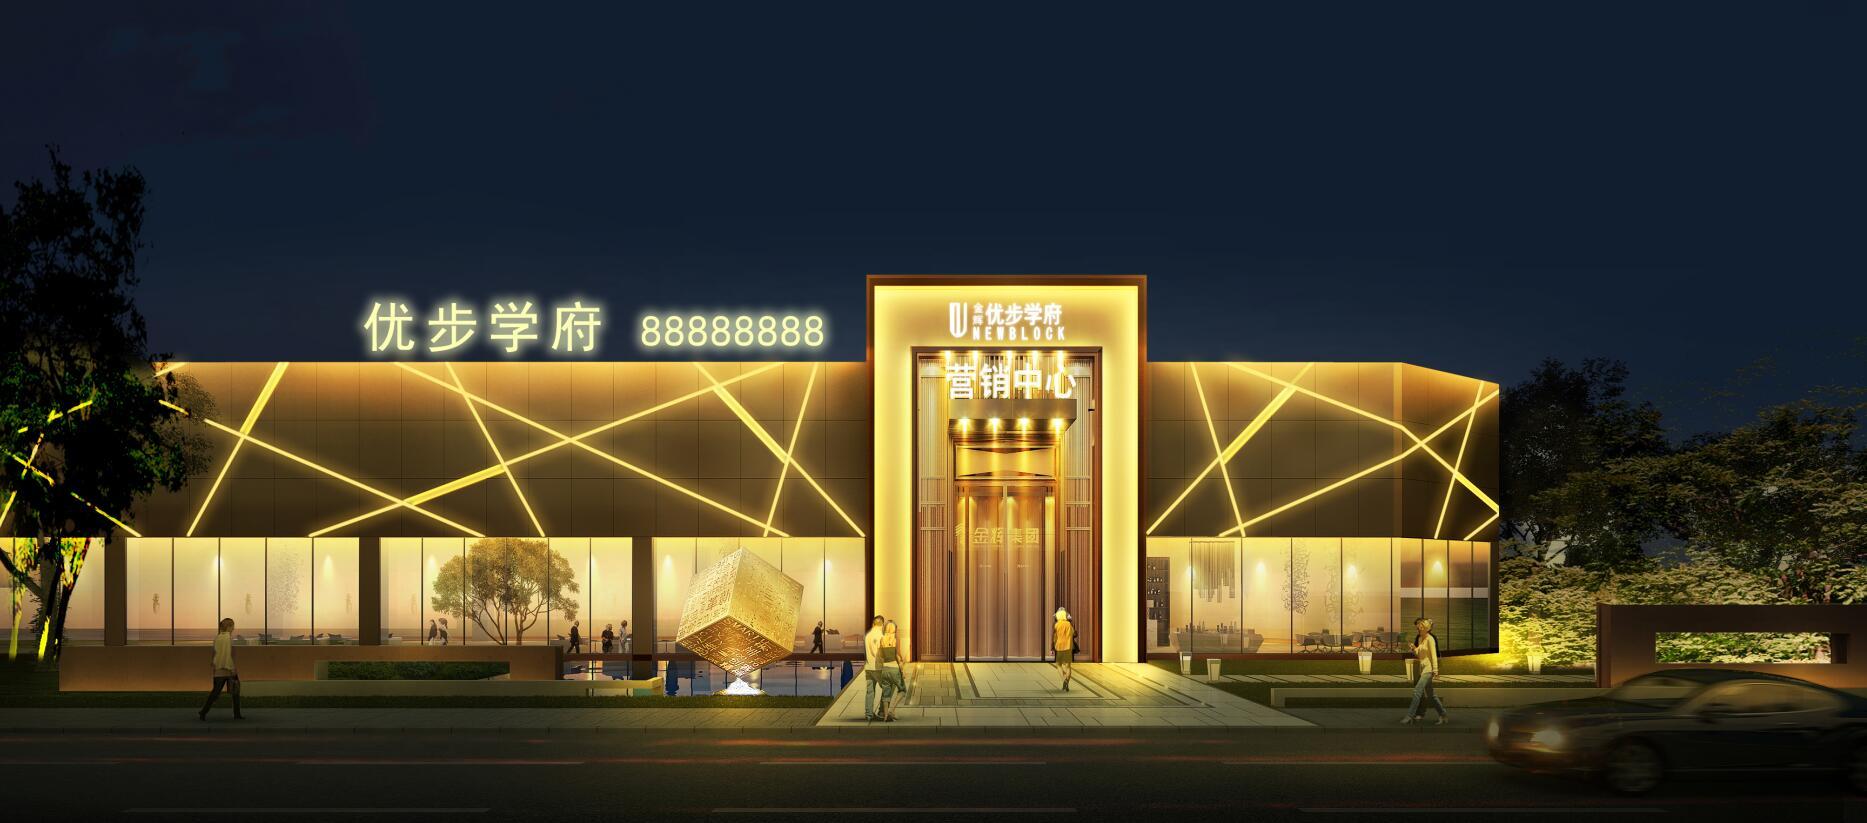 金辉优步学府必威官网登陆官方网站设计